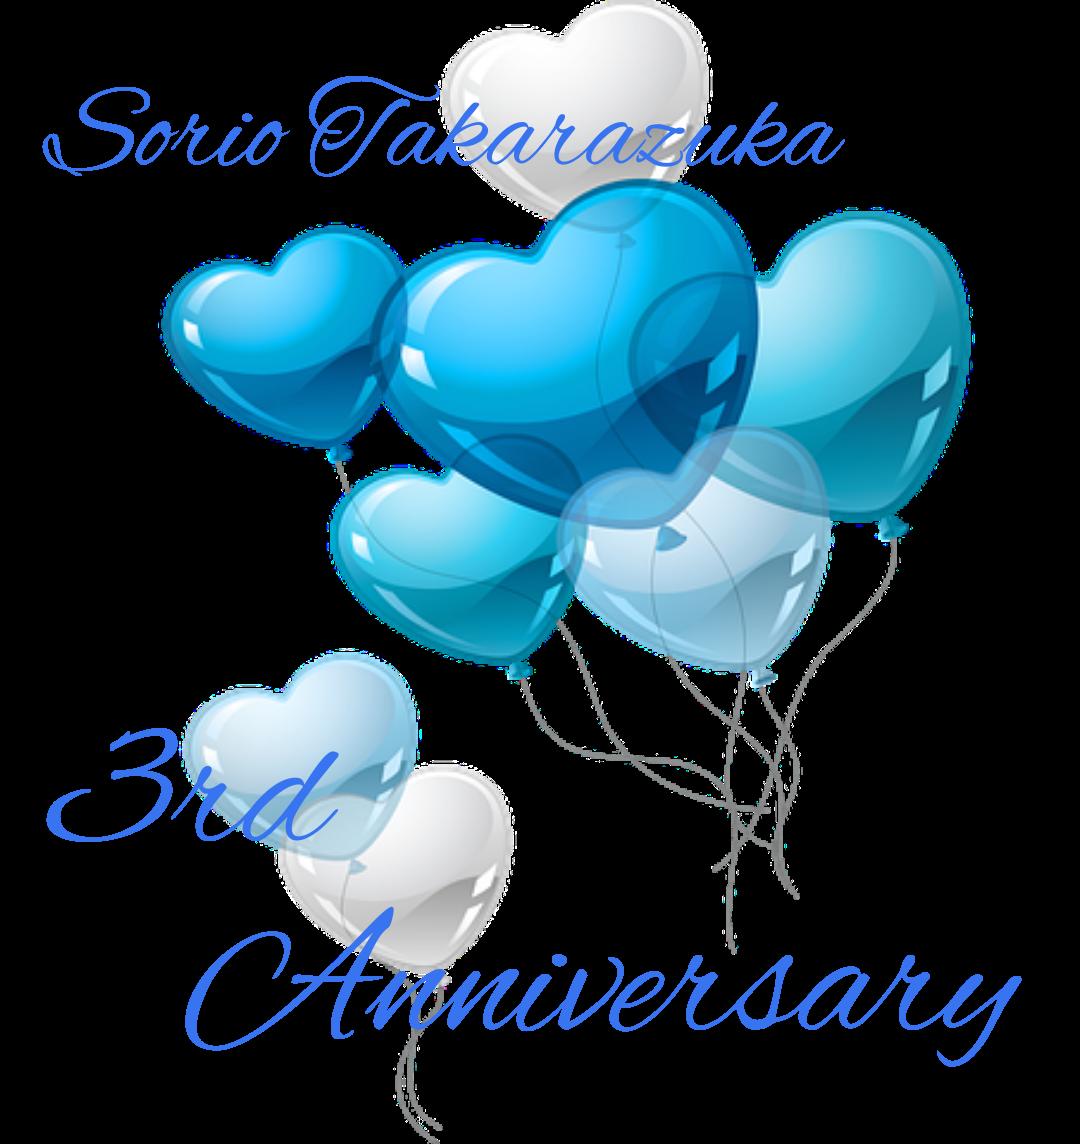 2021/03/17-23 ソリオ宝塚店「3rd Anniversary」